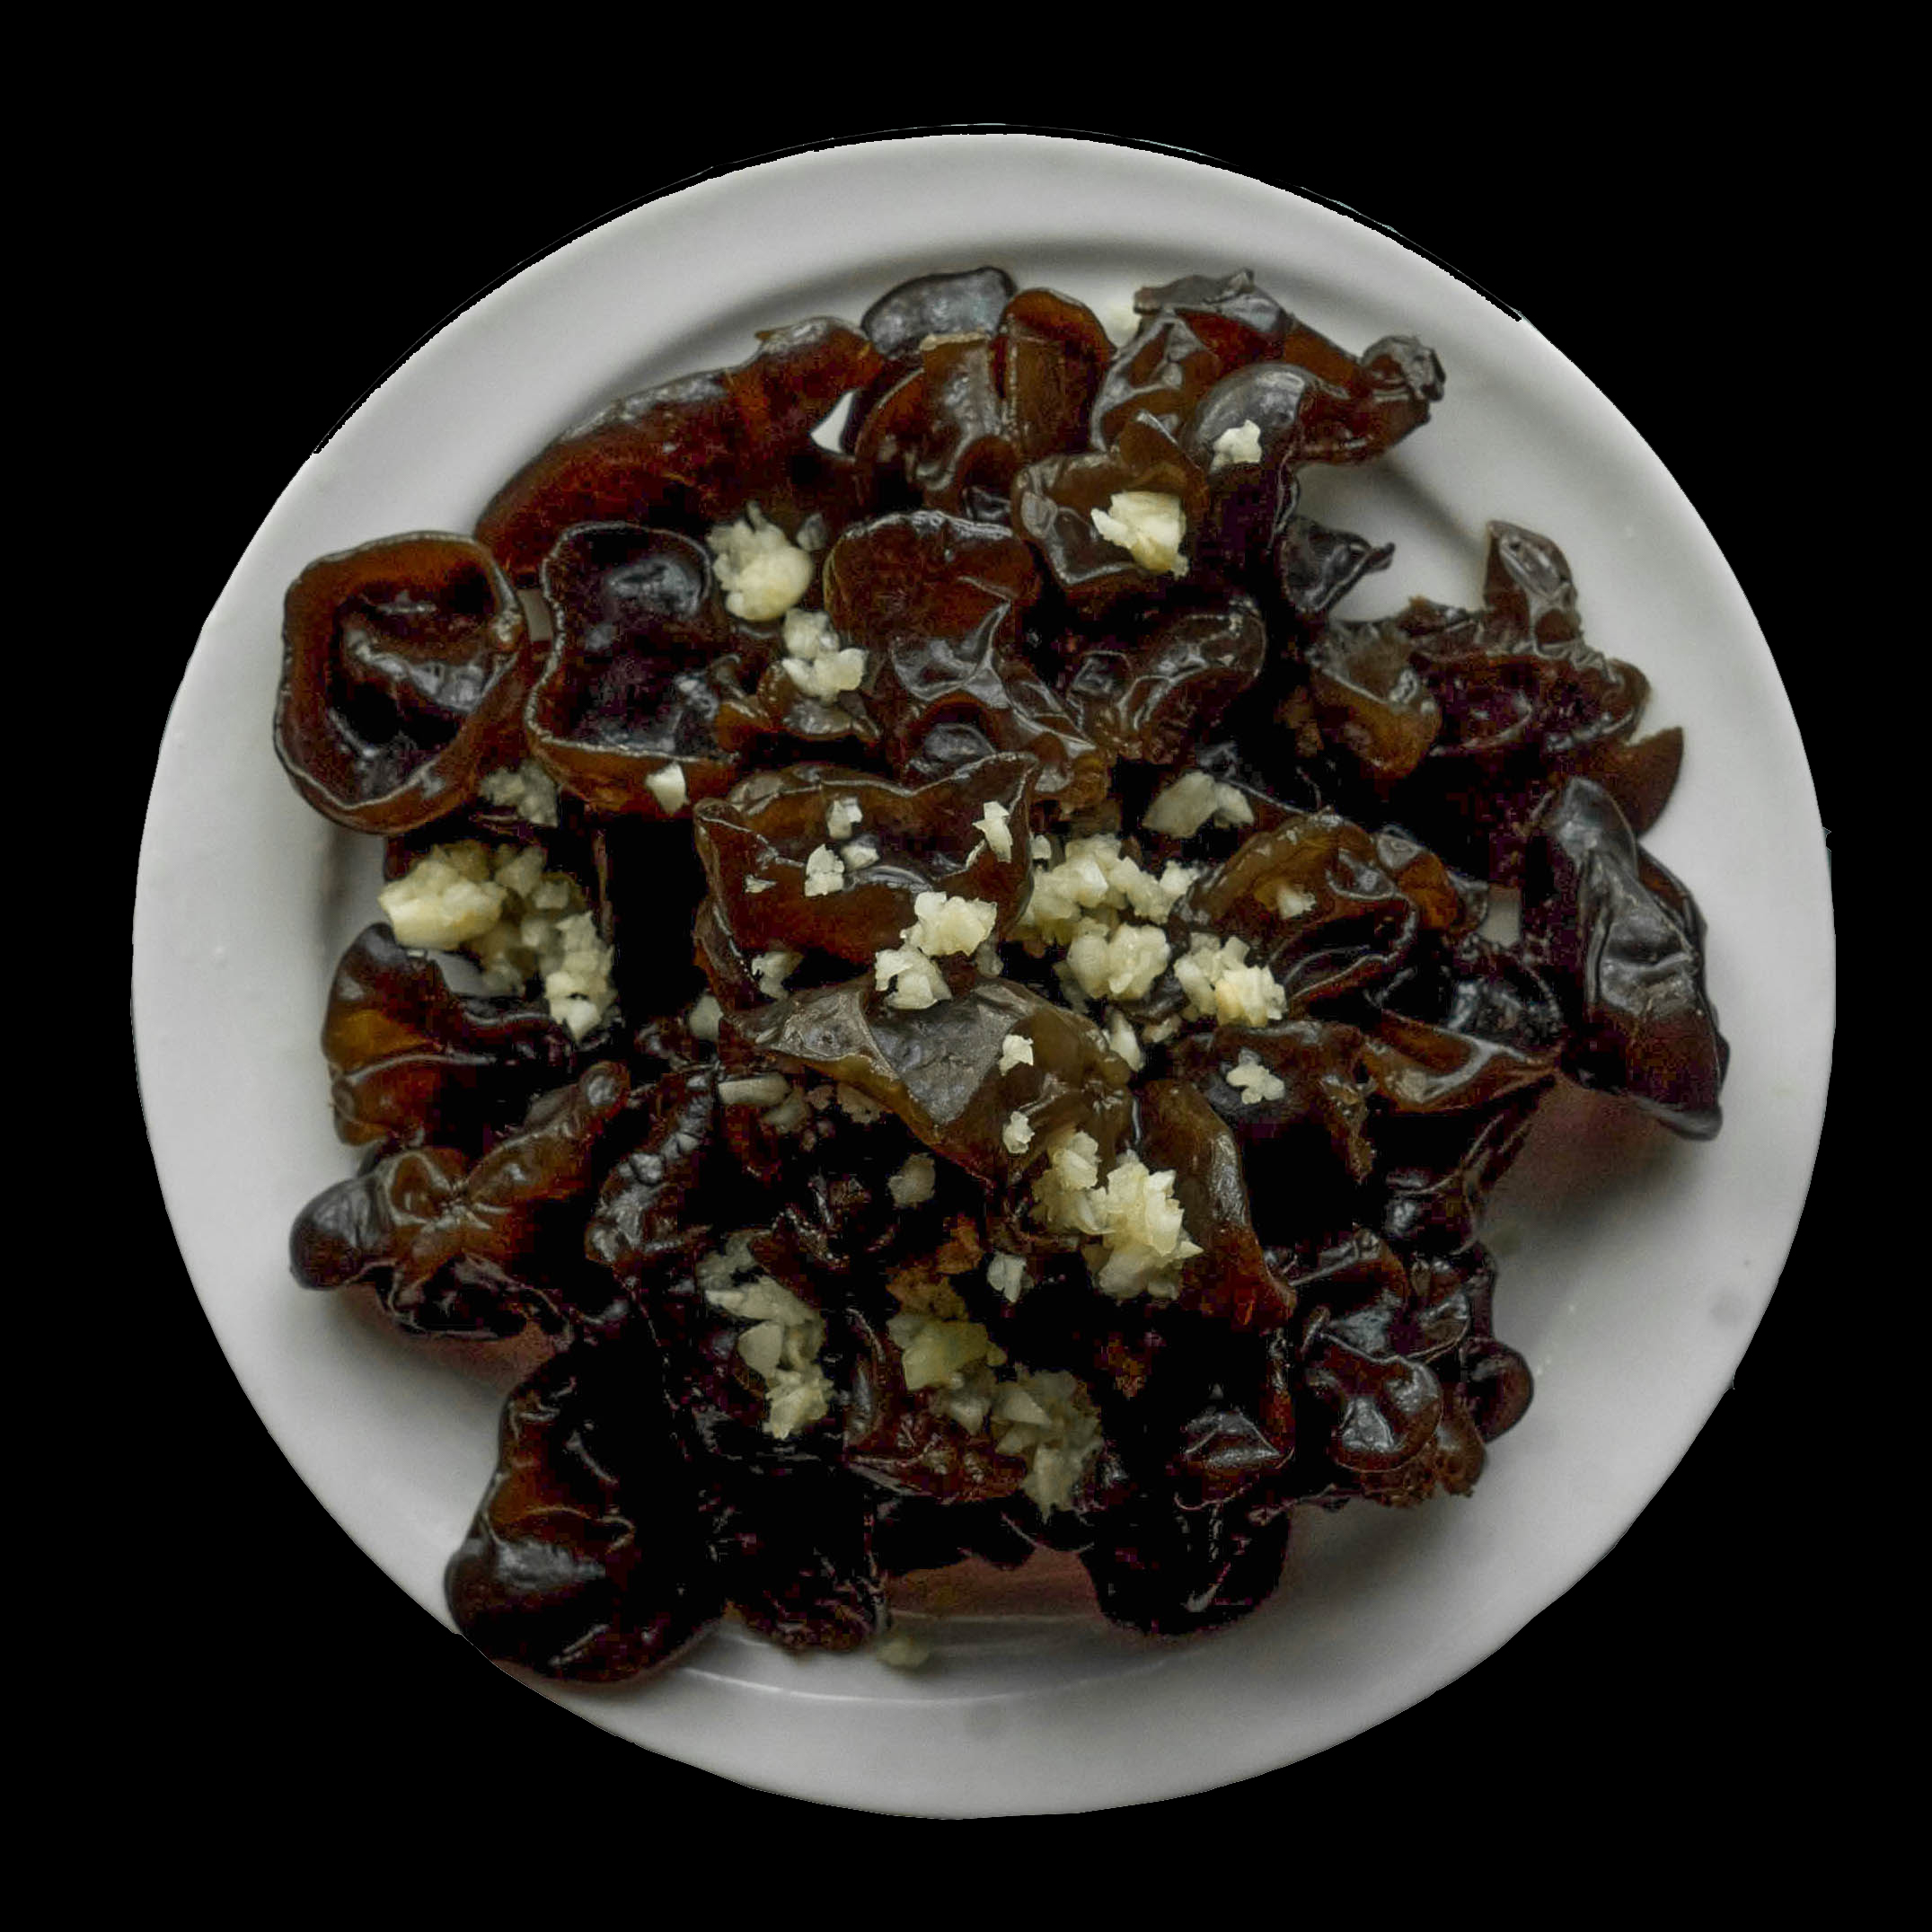 27. 凉拌木耳 Black Fungus Salad Image